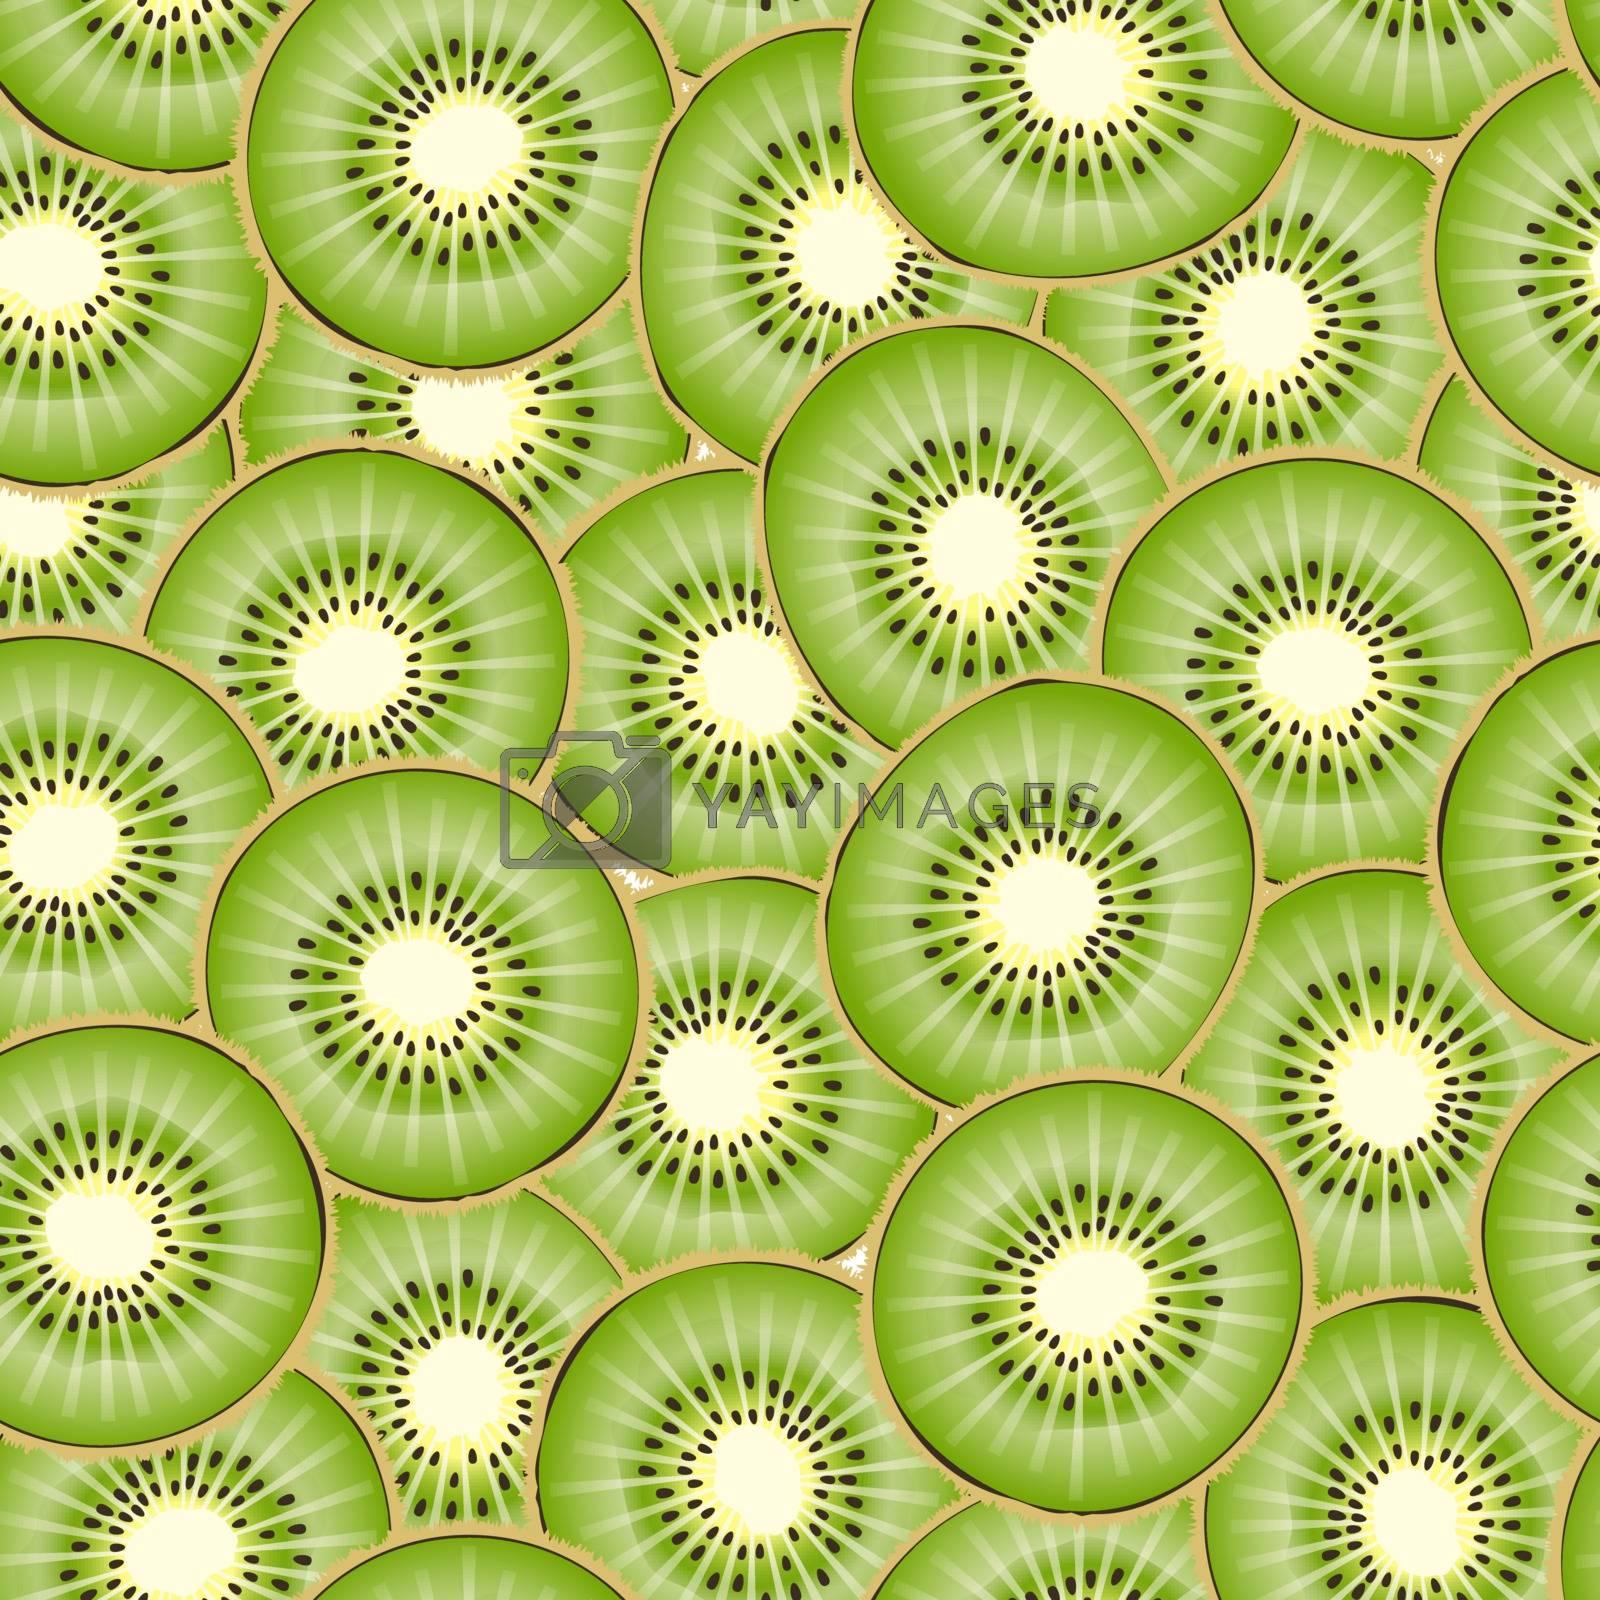 Kiwi piece seamless background.